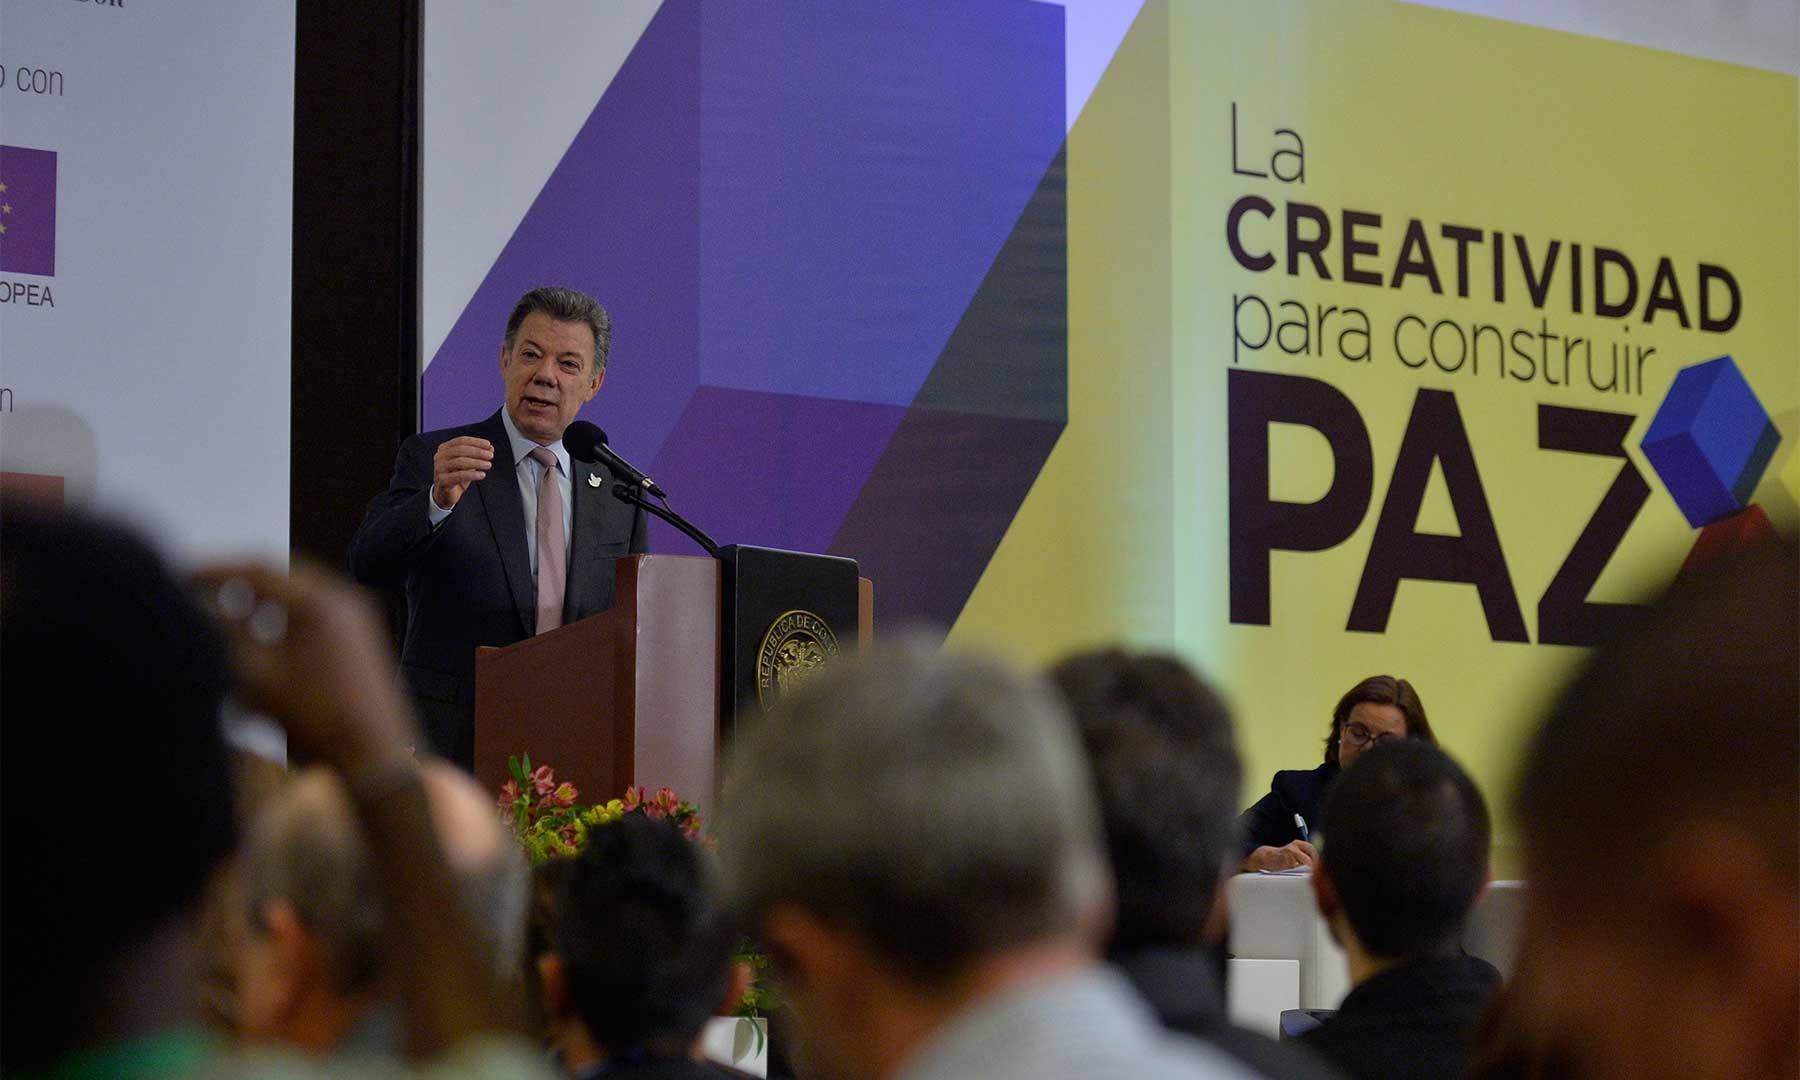 """Este proceso ha estado acompañado siempre por la creatividad, expresó el Presidente Santos este miércoles, en el Encuentro Nacional """"La creatividad para construir paz"""", organizado por el diario El Espectador."""